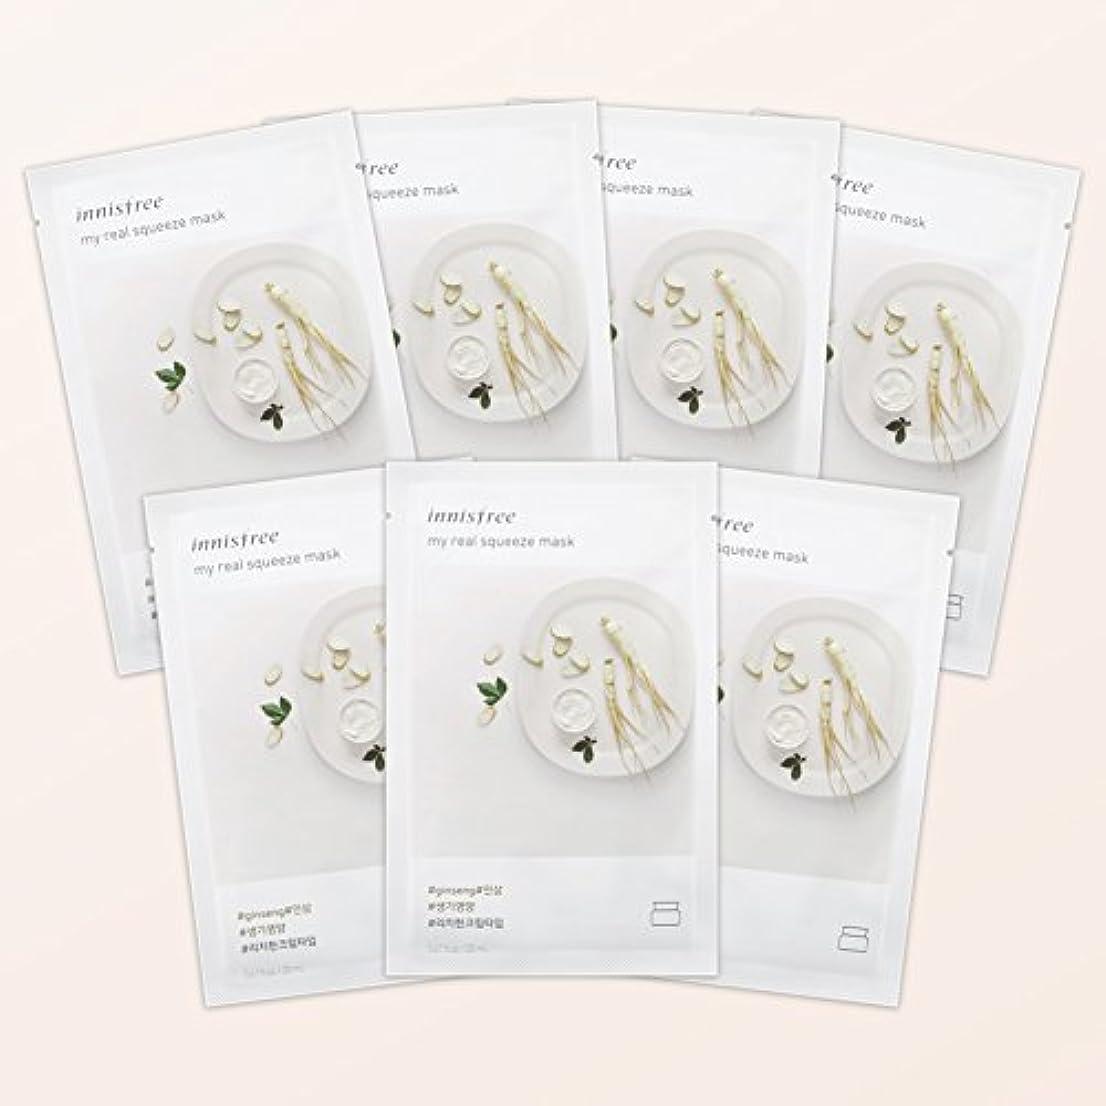 証明リズミカルな割れ目イニスフリー日本公式(innisfree)マイリアル スクイーズ マスクシート GS(高麗人参)[シートパック]7枚セット